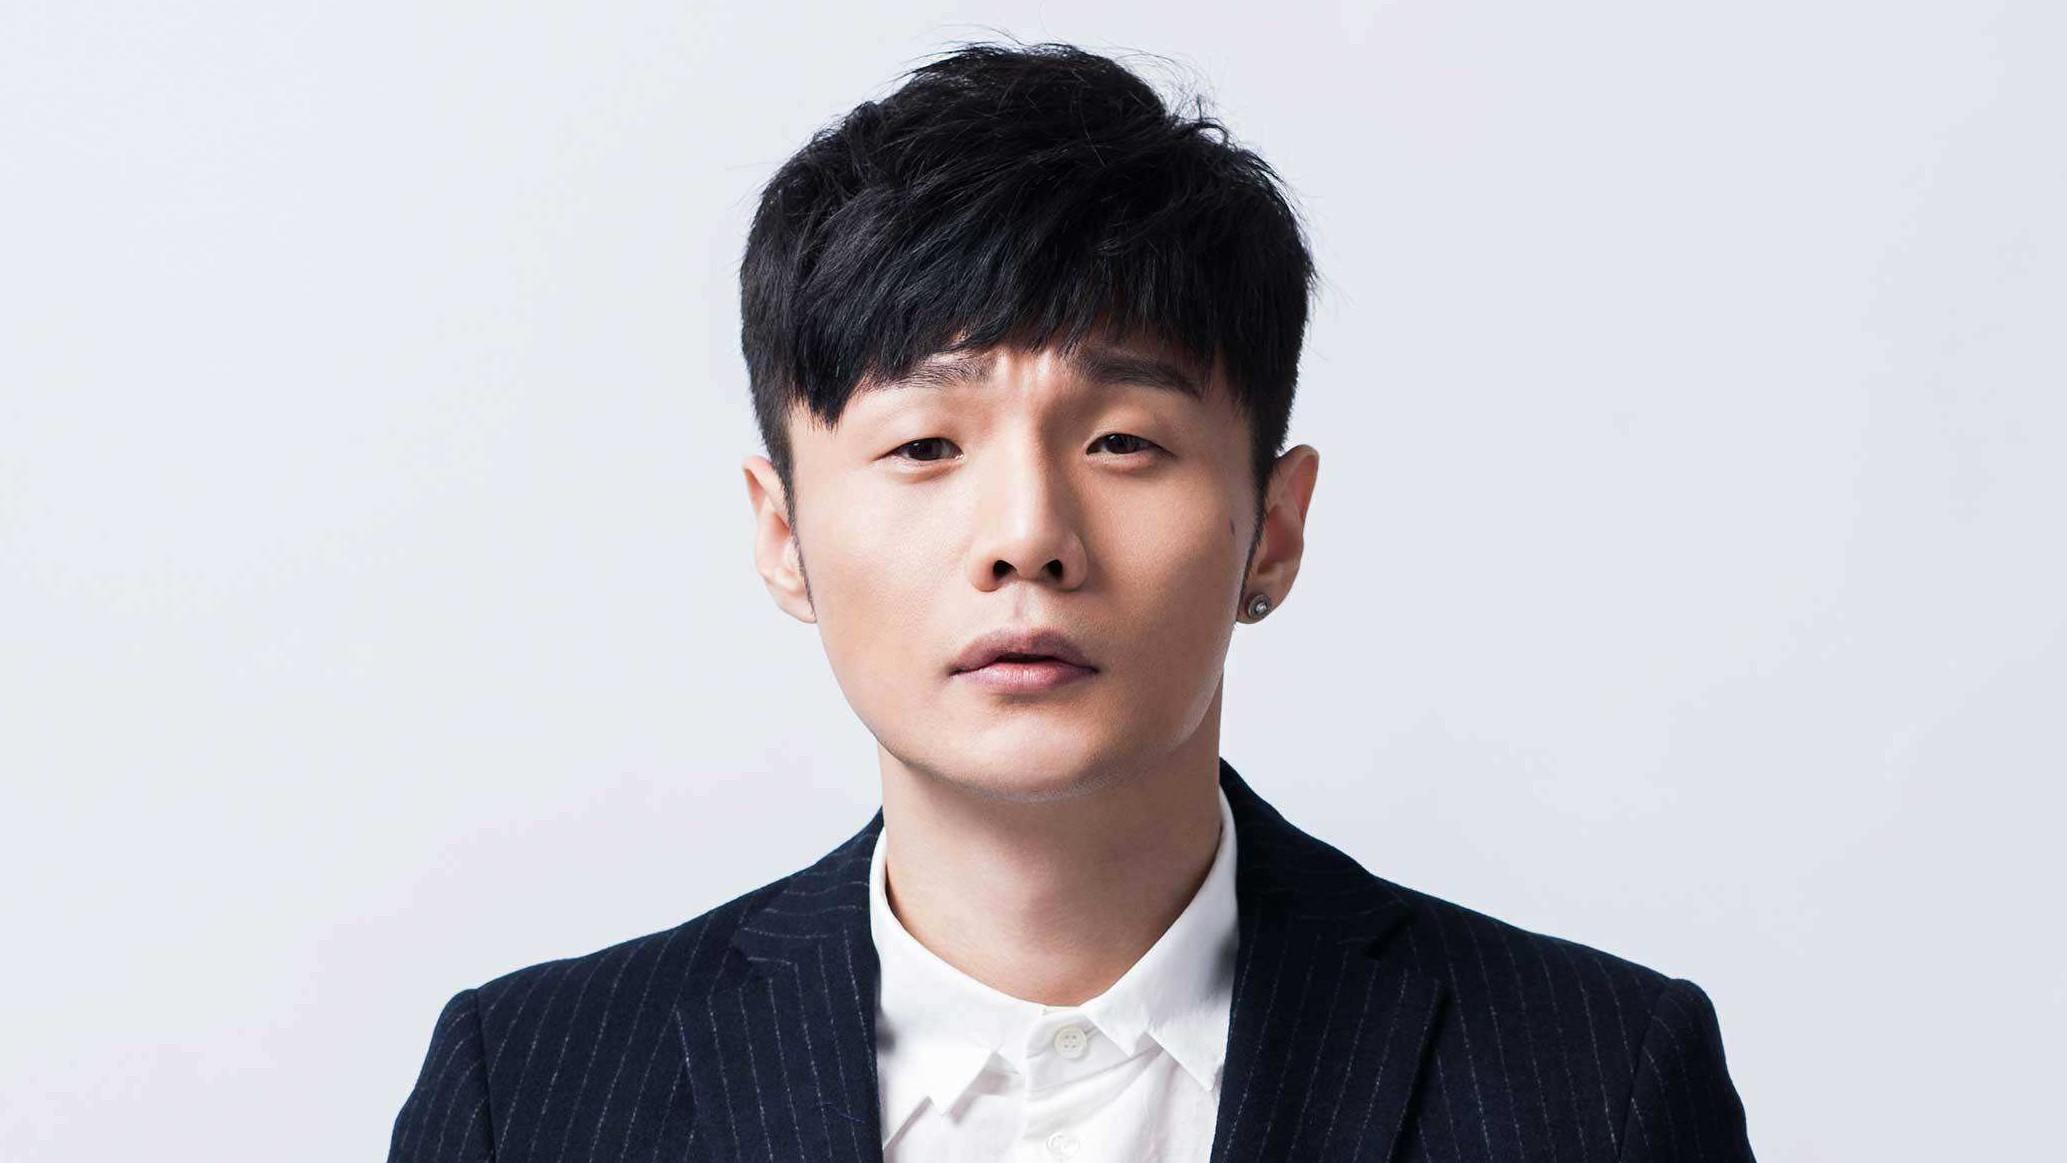 李荣浩的出生日期生辰八字分析